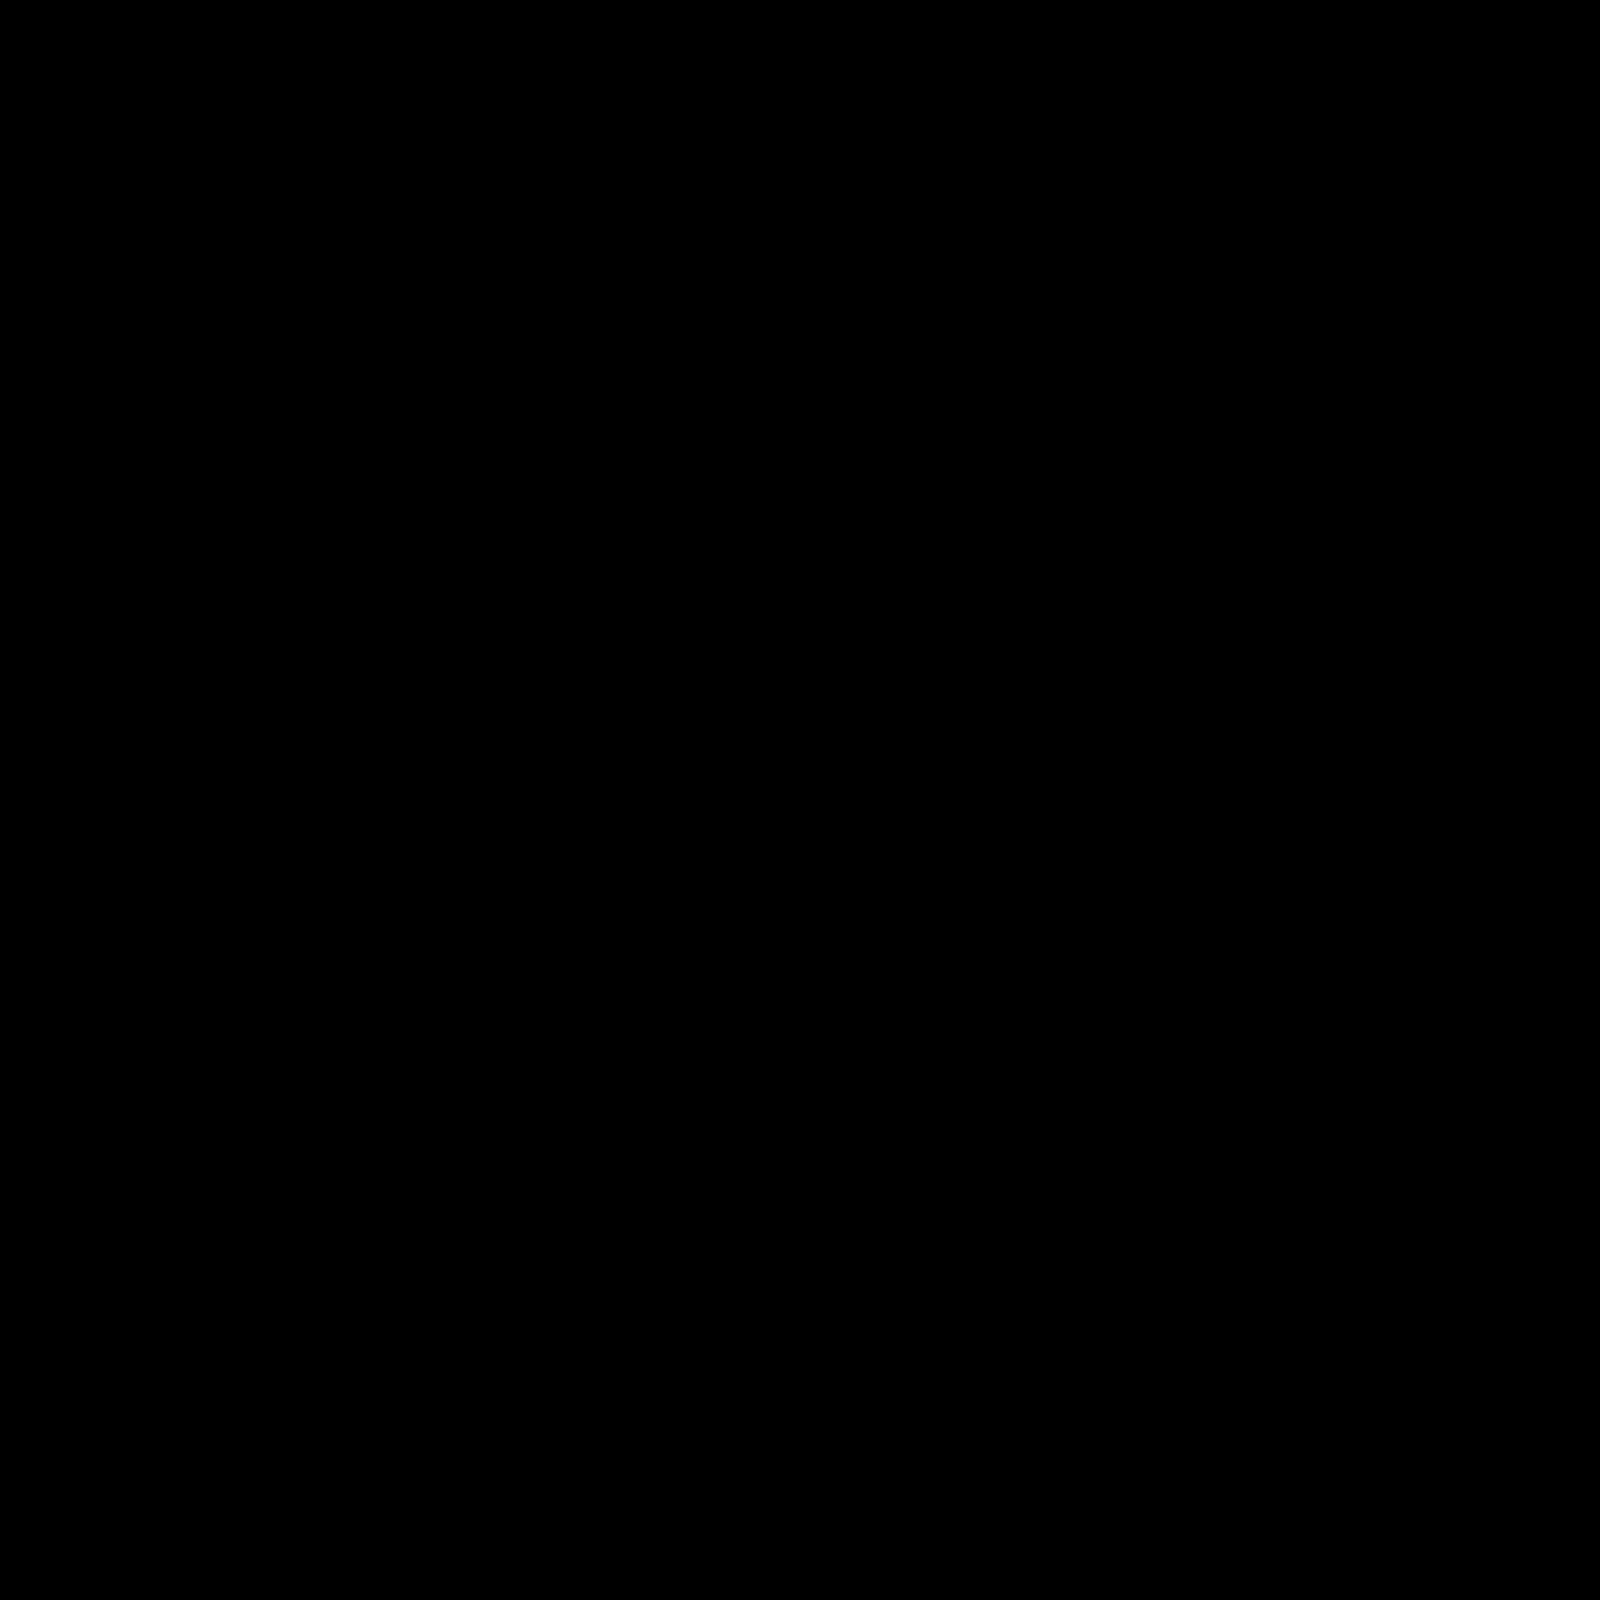 Pin De Lydia Meana En Diseno Iconos Disenos De Unas Png